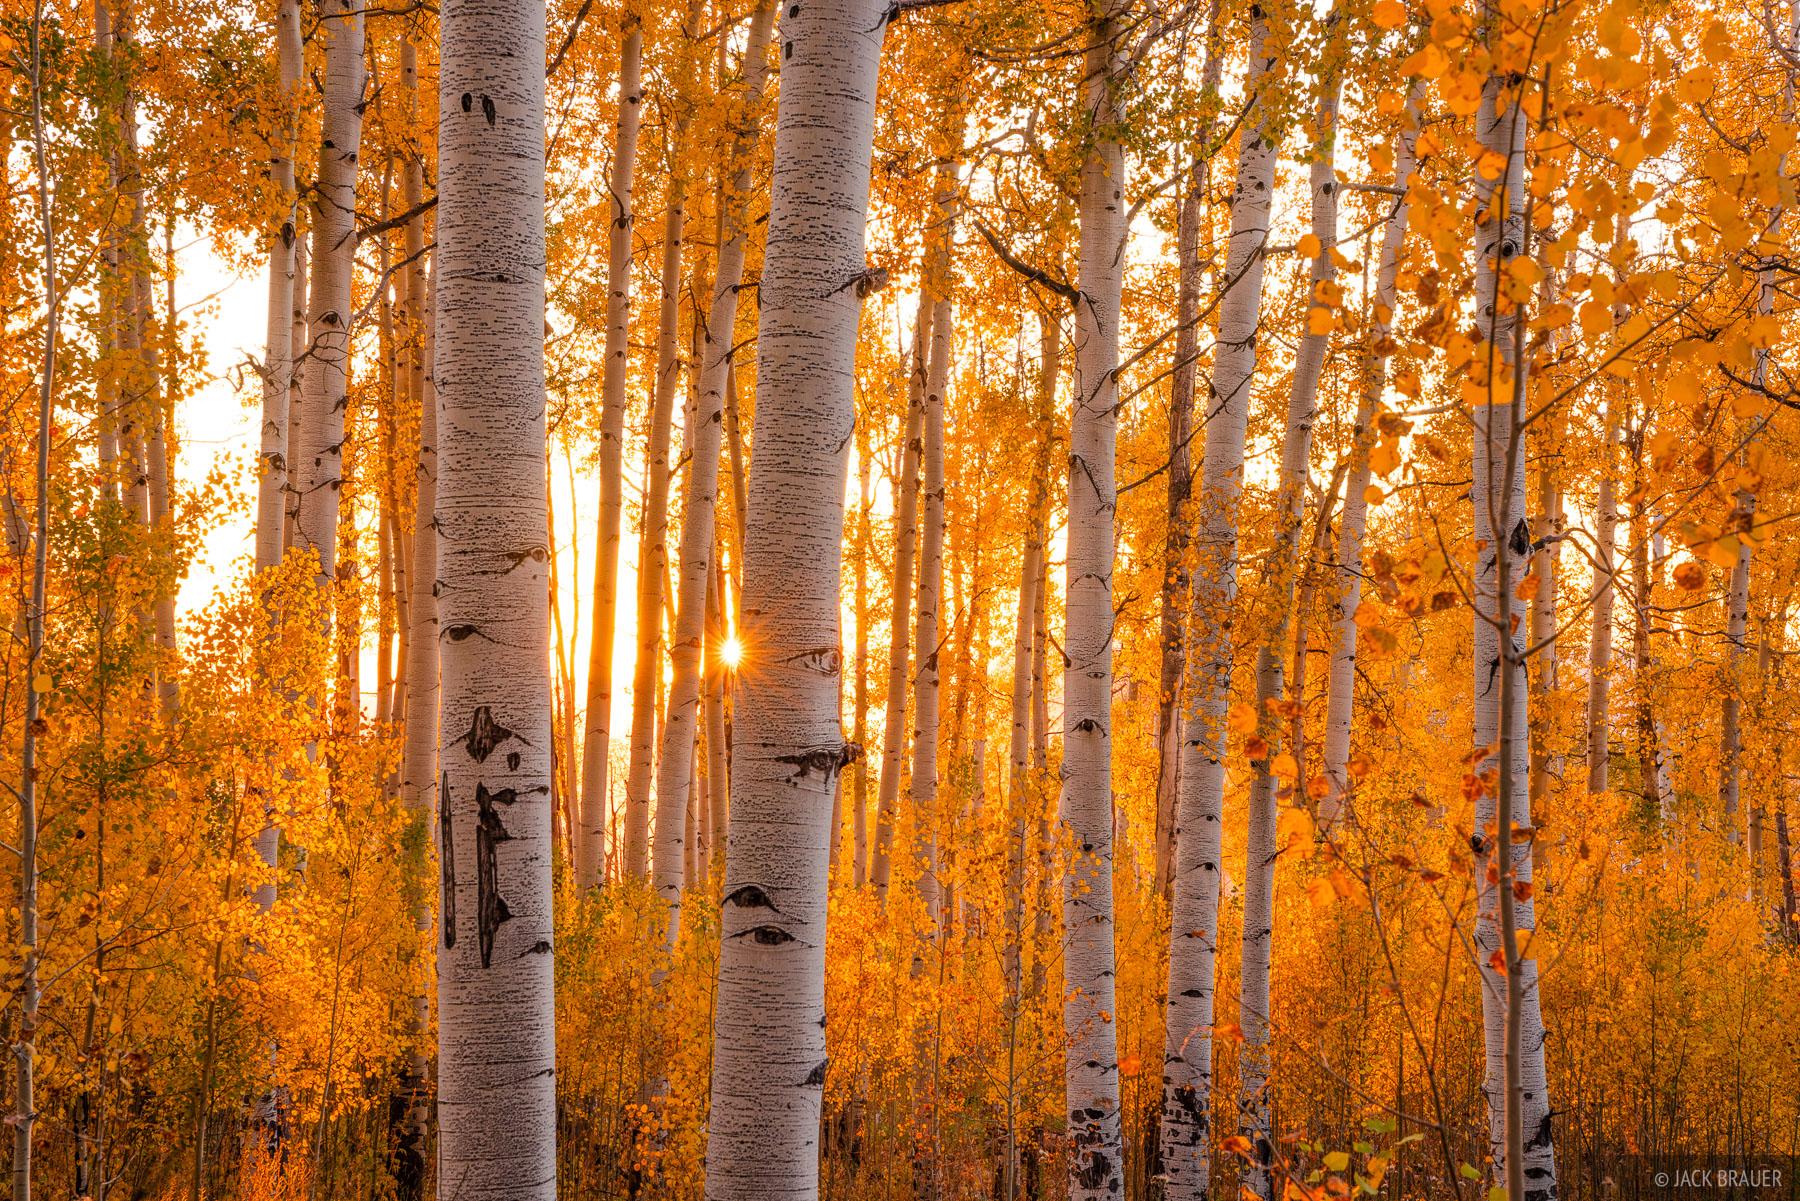 Sunset light illuminates autumn aspens.